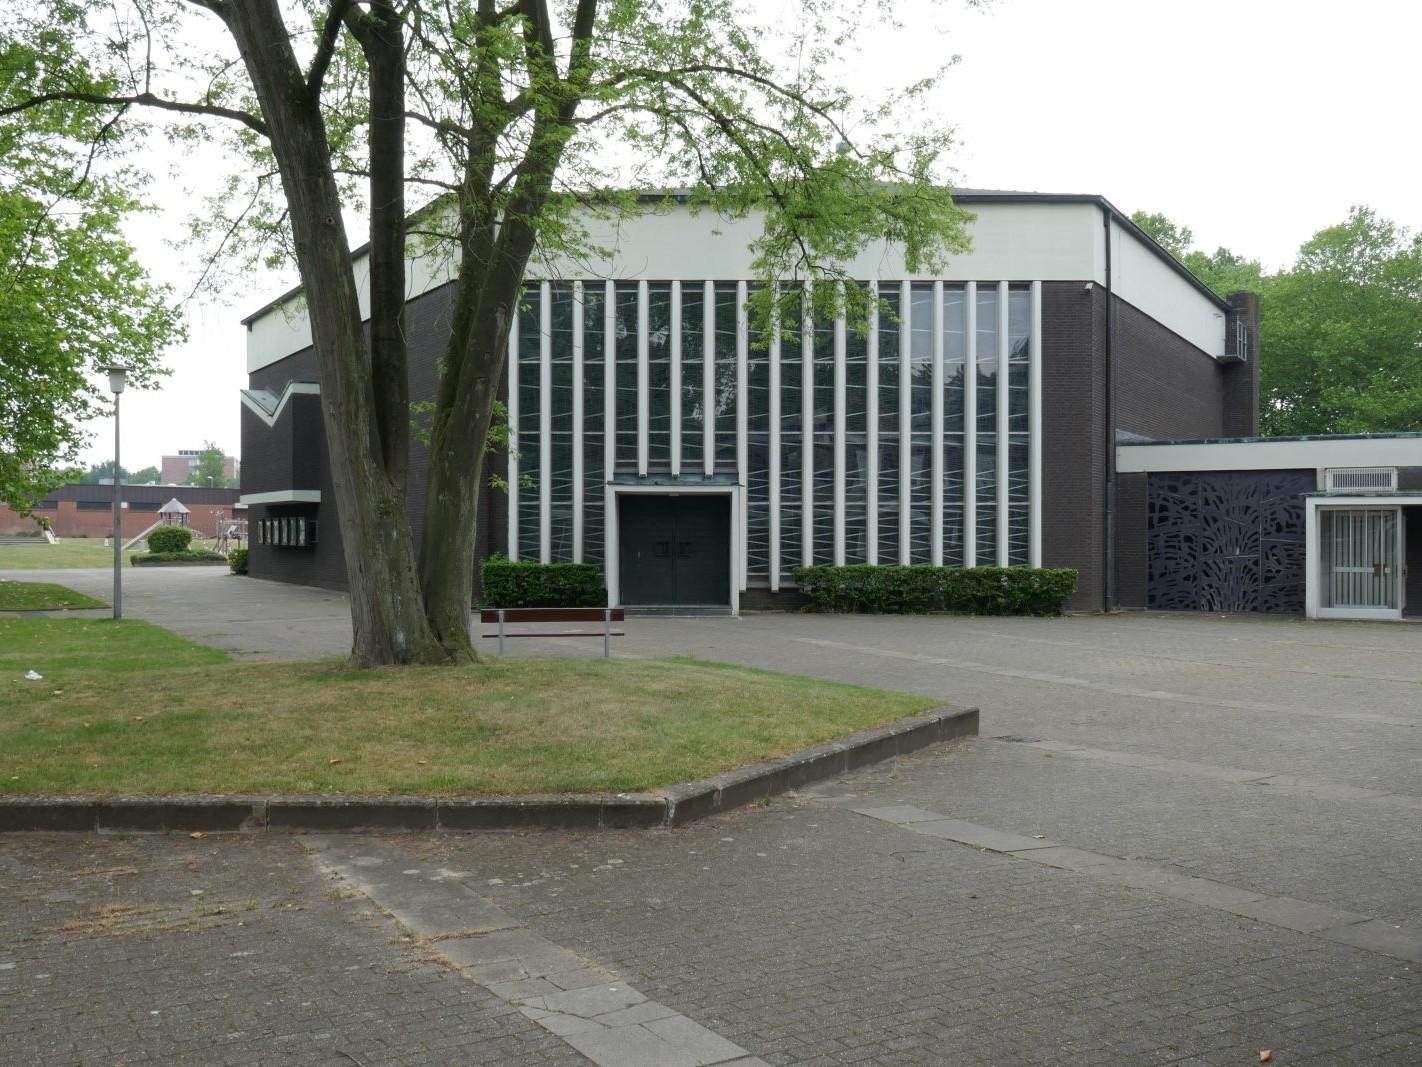 Münster vor Ort: Coerde - St. Norbert - Foto: Stefan Rethfeld